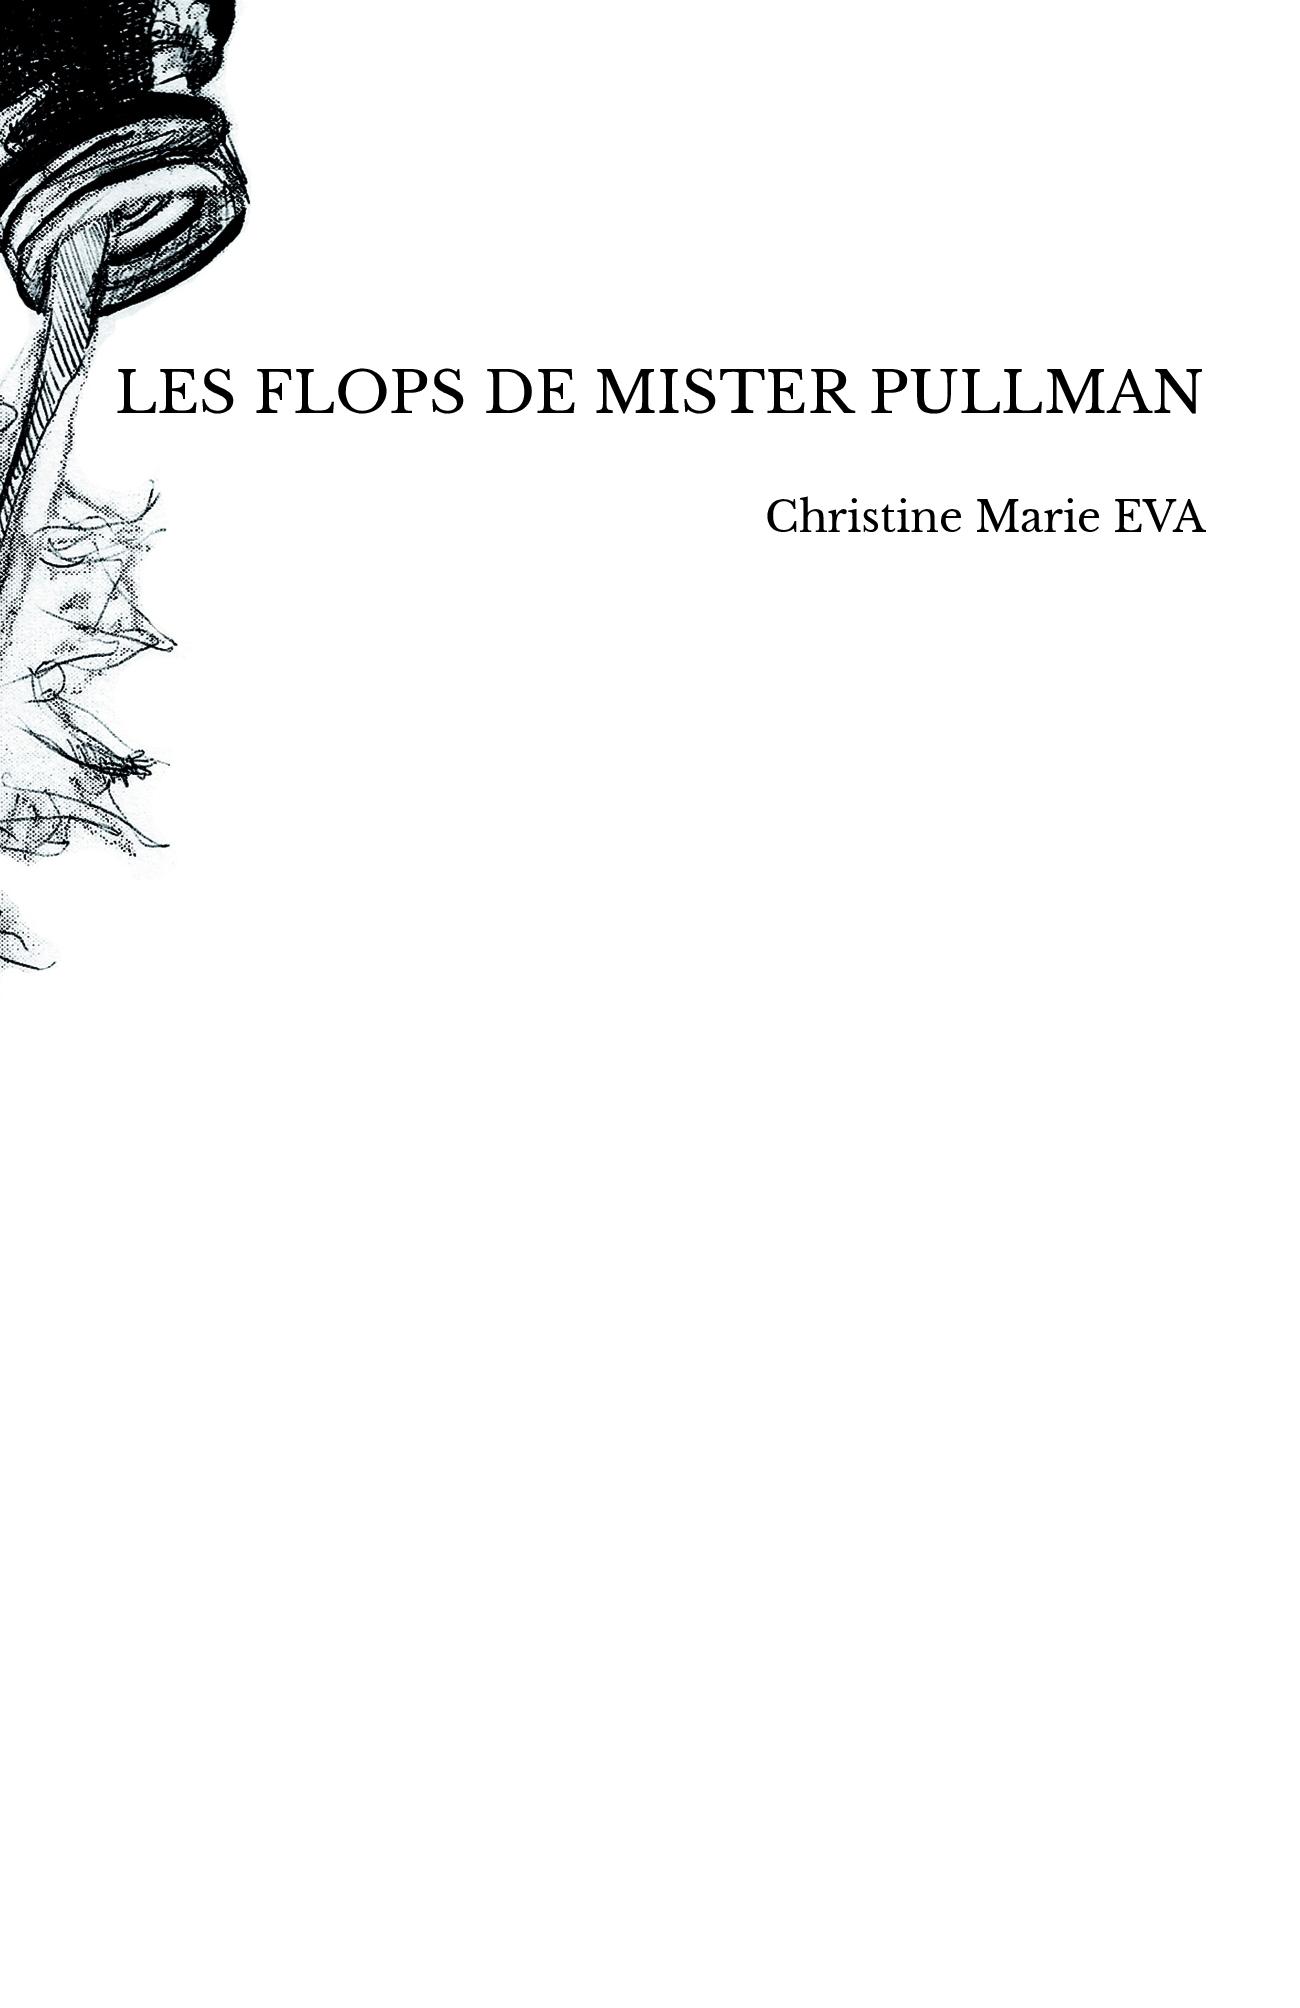 LES FLOPS DE MISTER PULLMAN